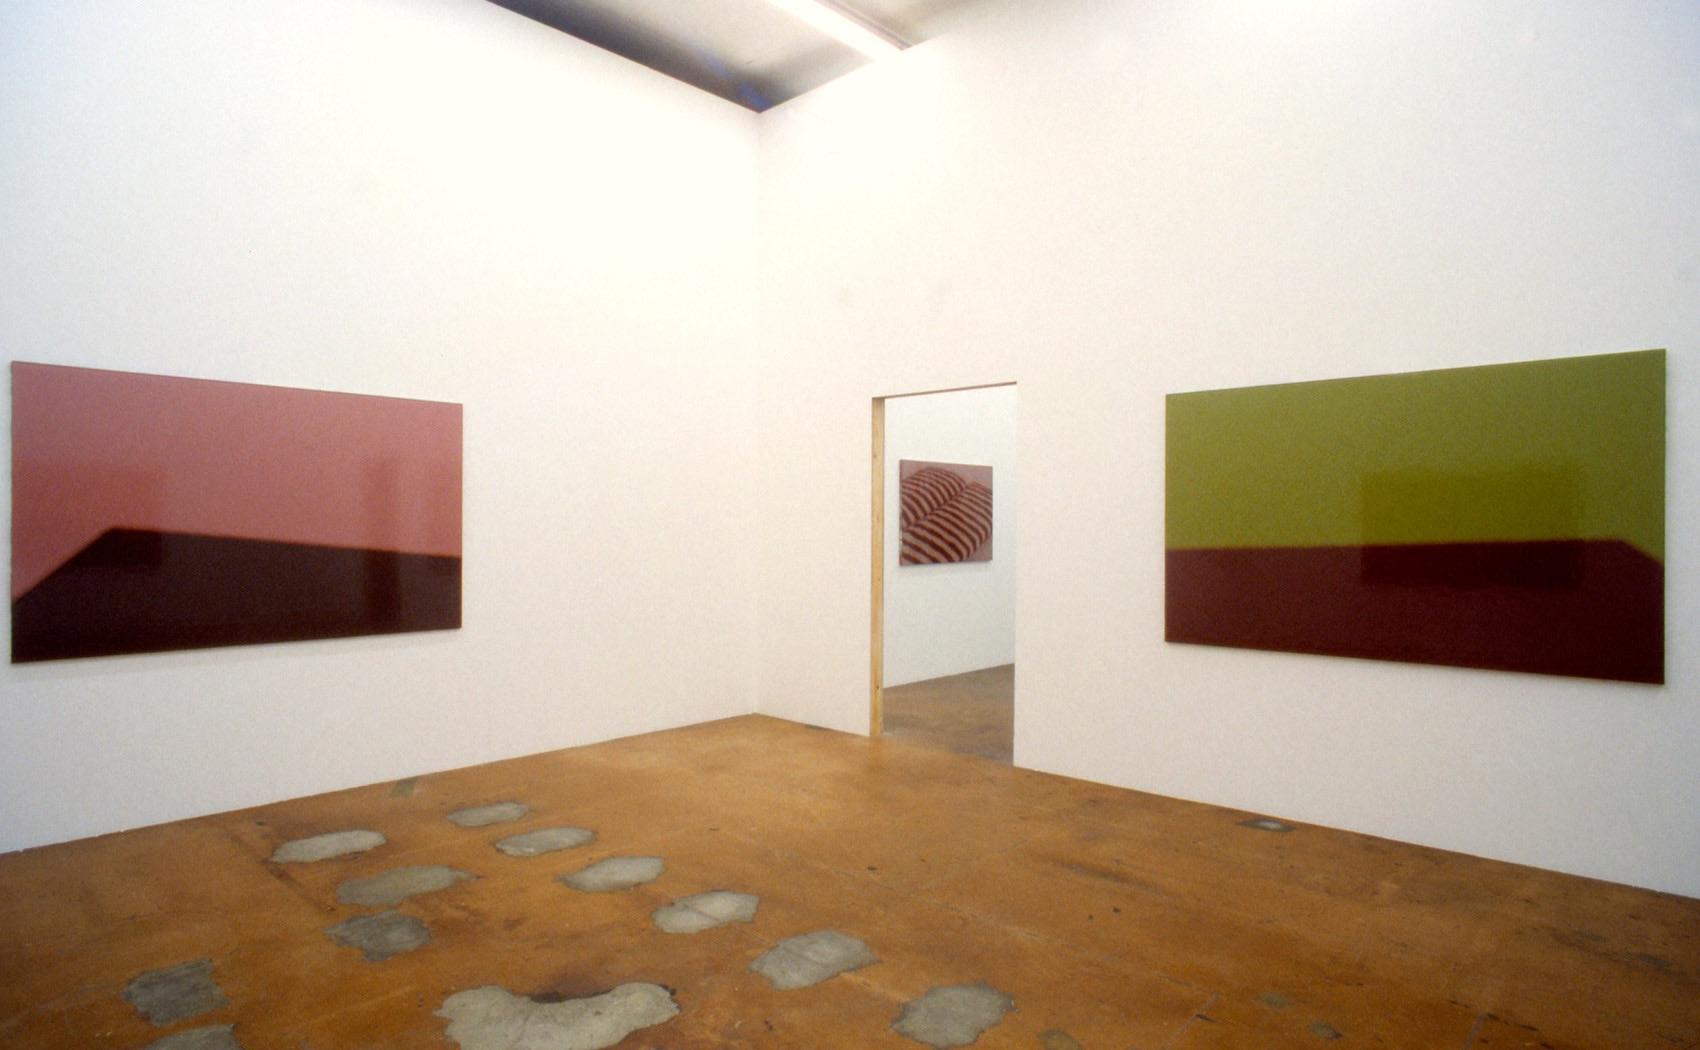 Vue exposition Michel Huelin, MAMCO, Musée d'art moderne et contemporain, Genève, 1999